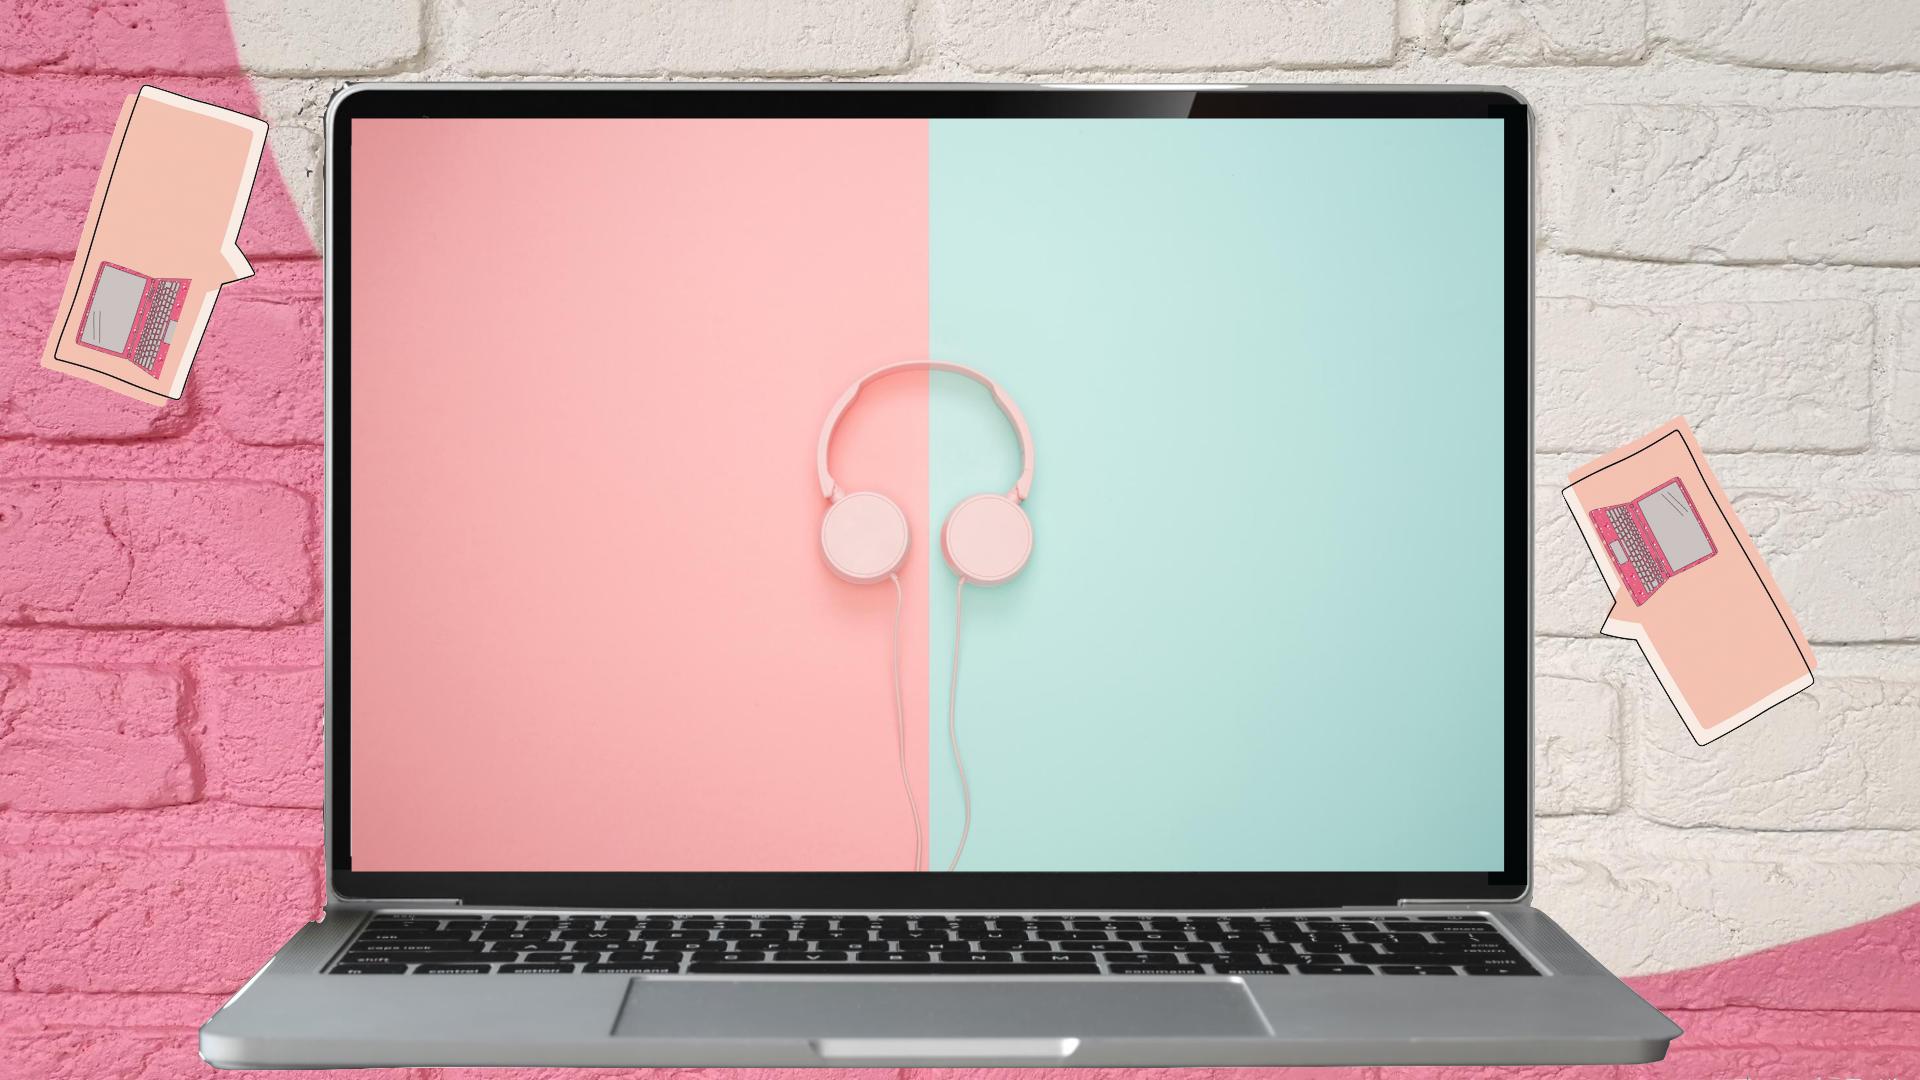 Macbook In Macbook Google Backgrounds Aesthetic Wallpapers Aesthetic Pictures